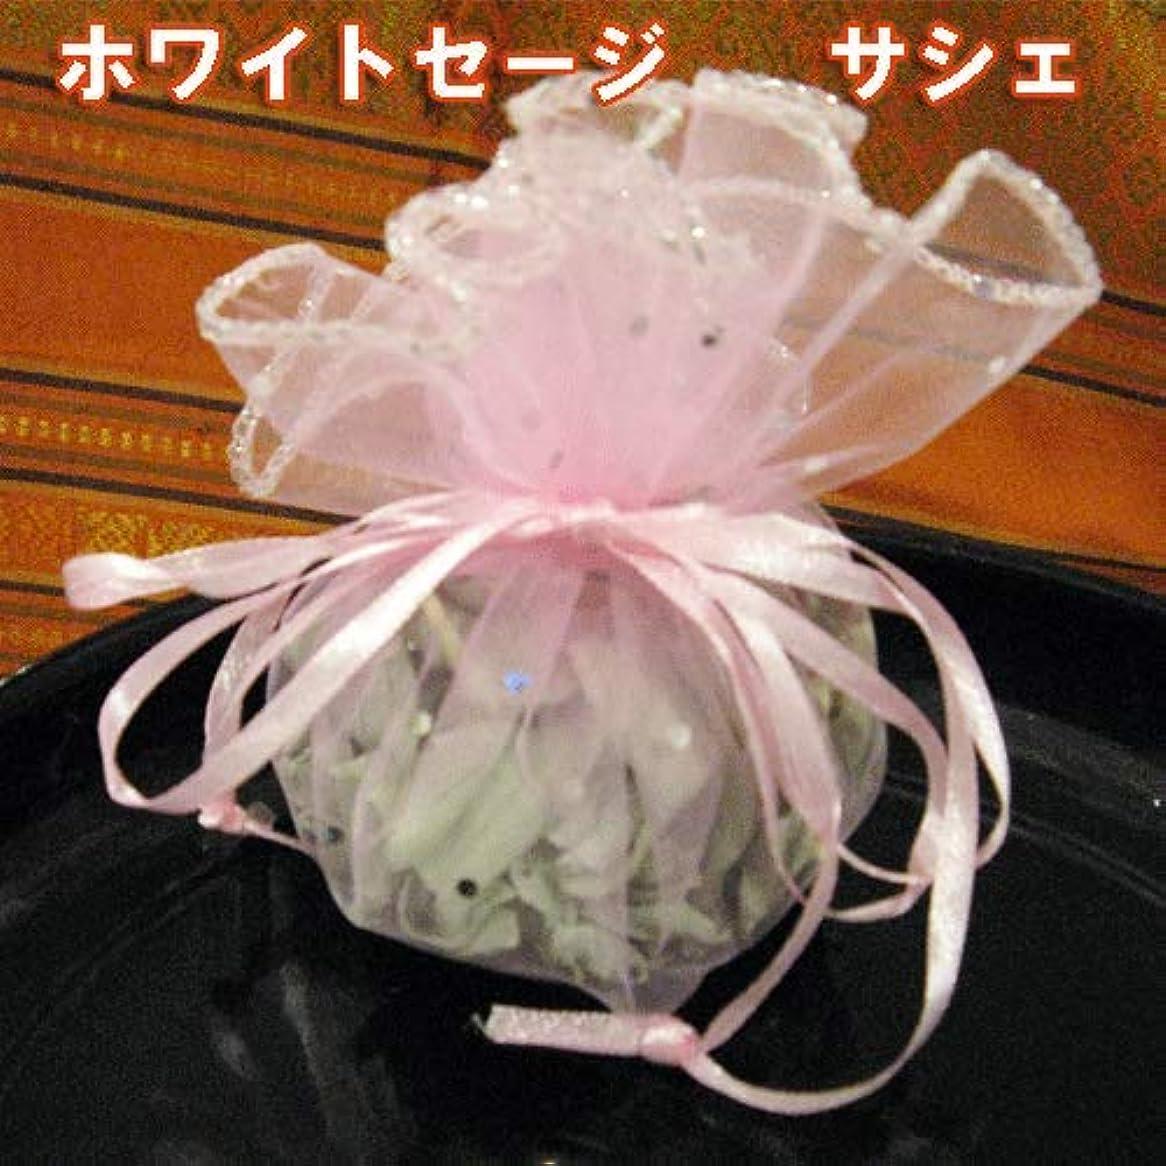 内訳休憩するペリスコープホワイトセージ サシェ オーガンジー袋入り 約10g